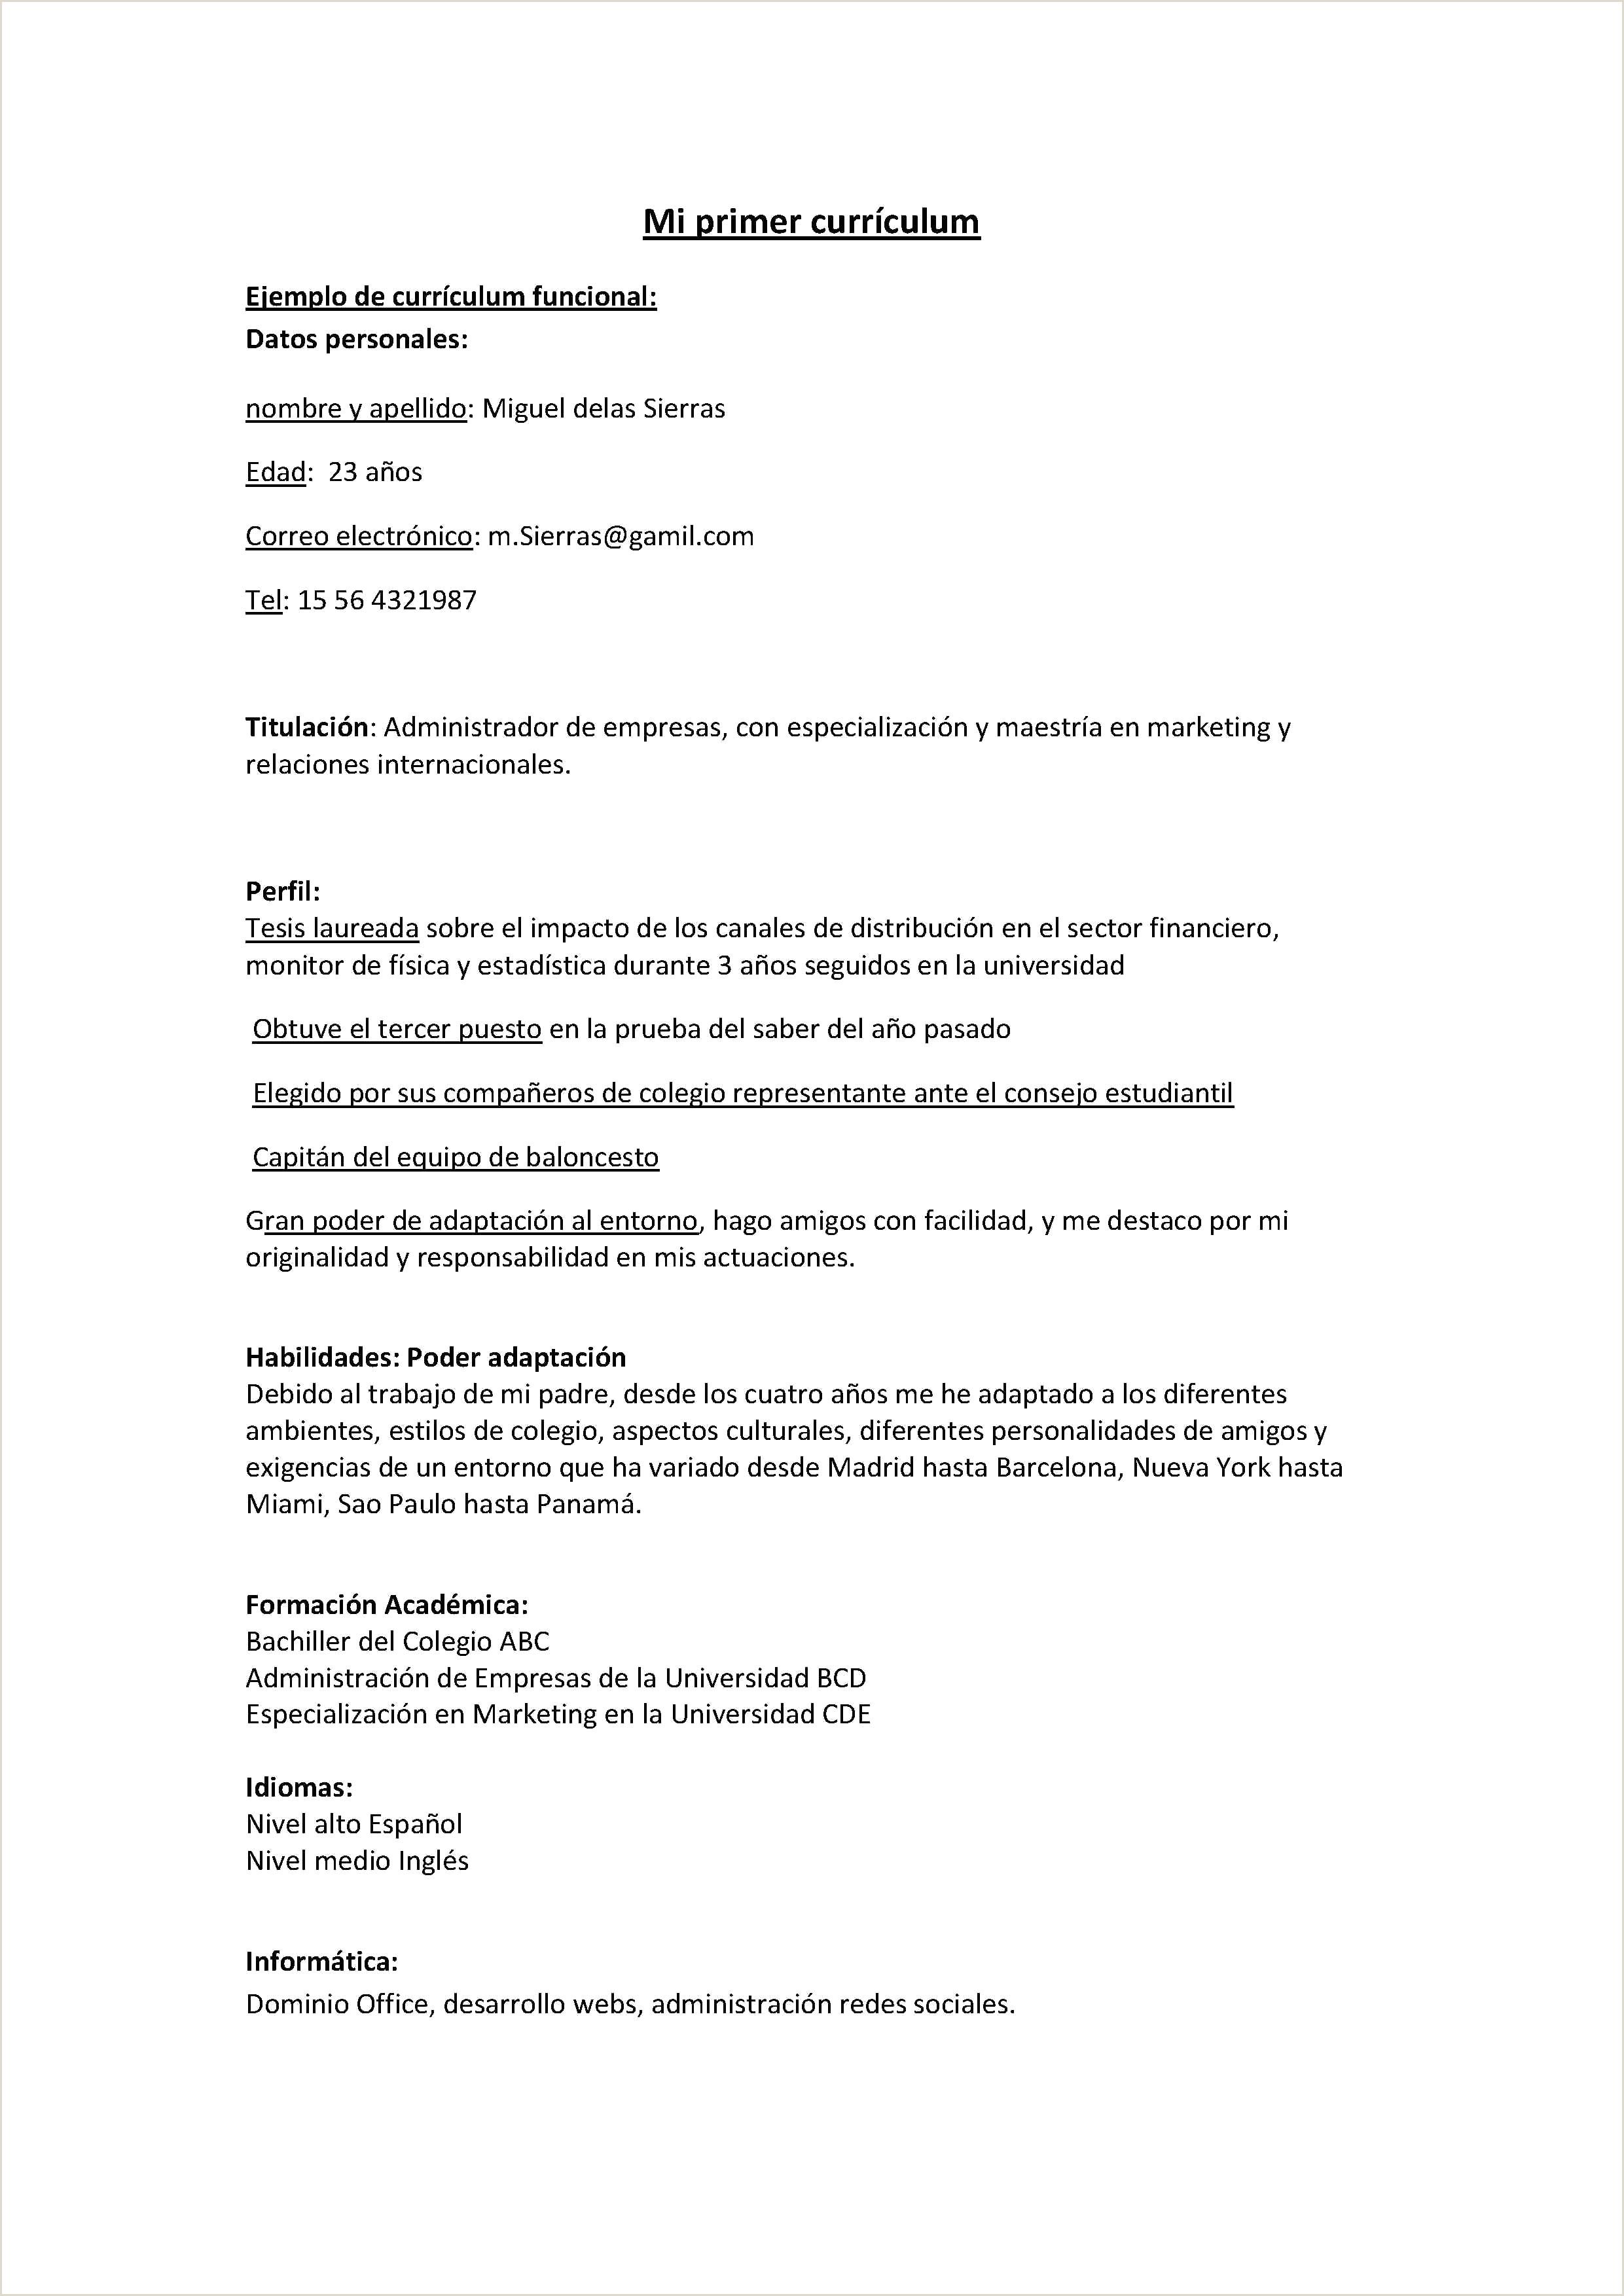 Curriculum Vitae Plantilla Word Para Rellenar Moderno Plantillas Para Cv Collections De 48 Druckbare Lebenslauf